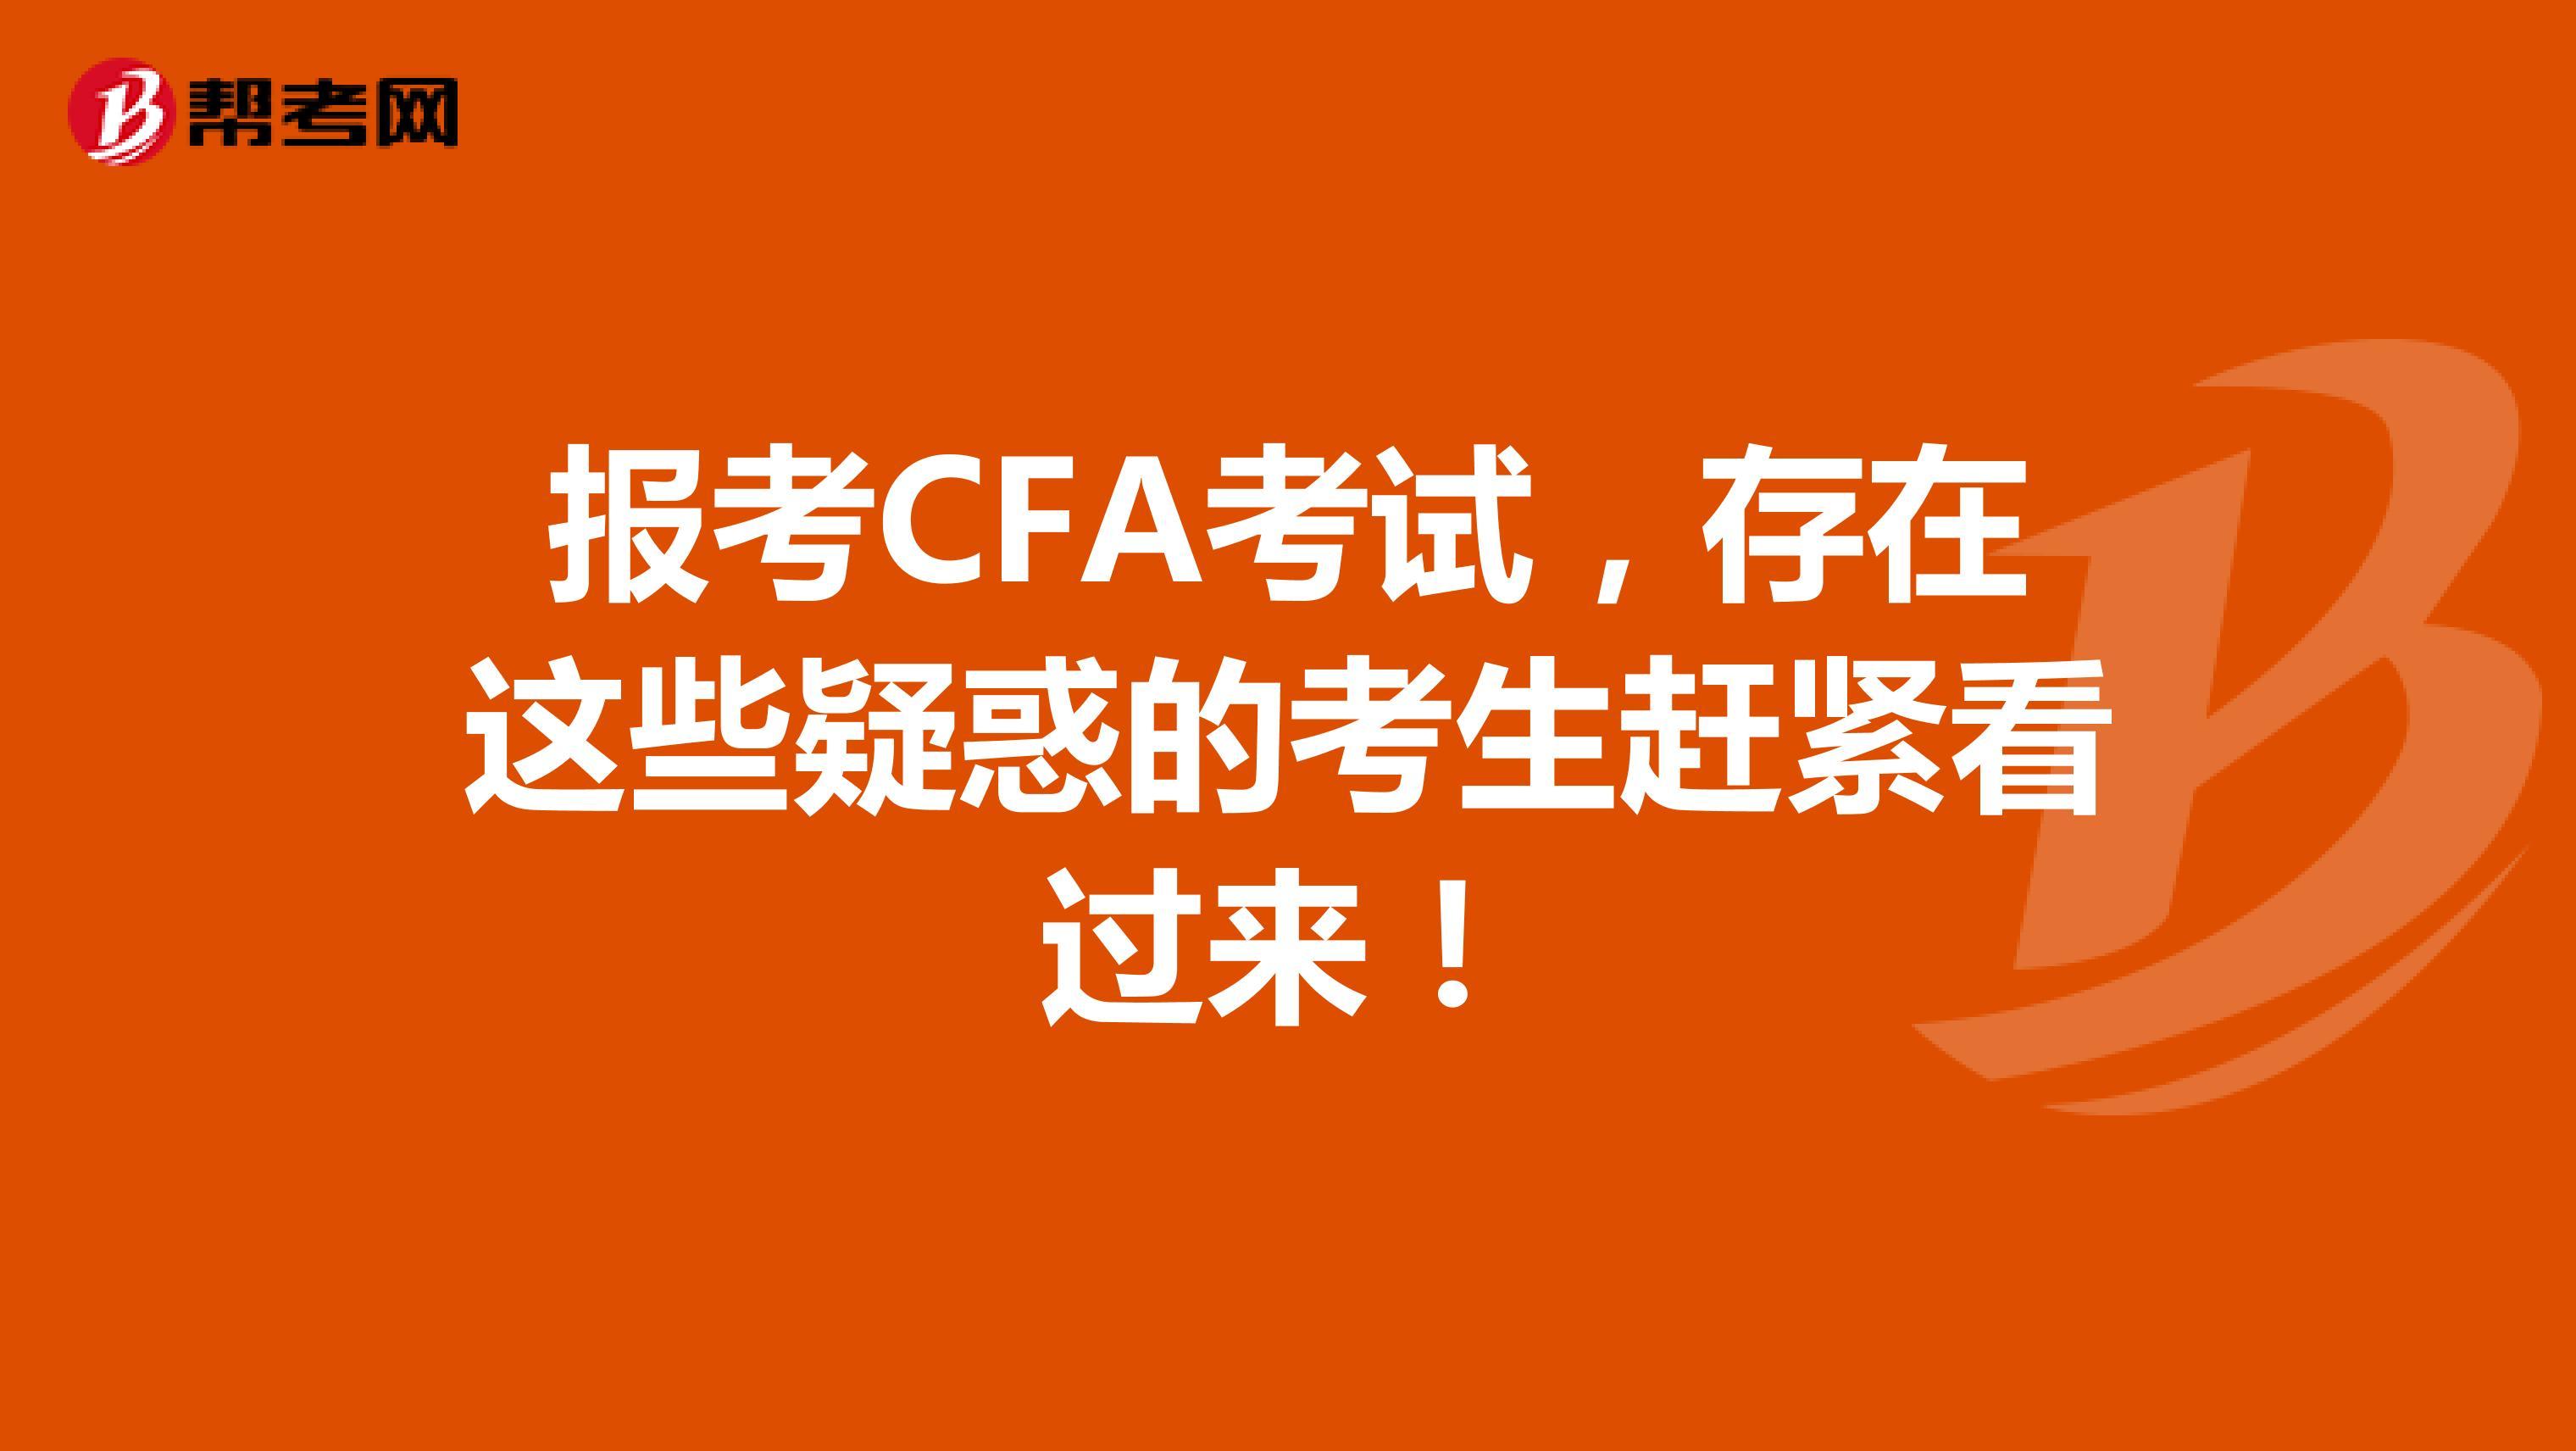 報考CFA考試,存在這些疑惑的考生趕緊看過來!